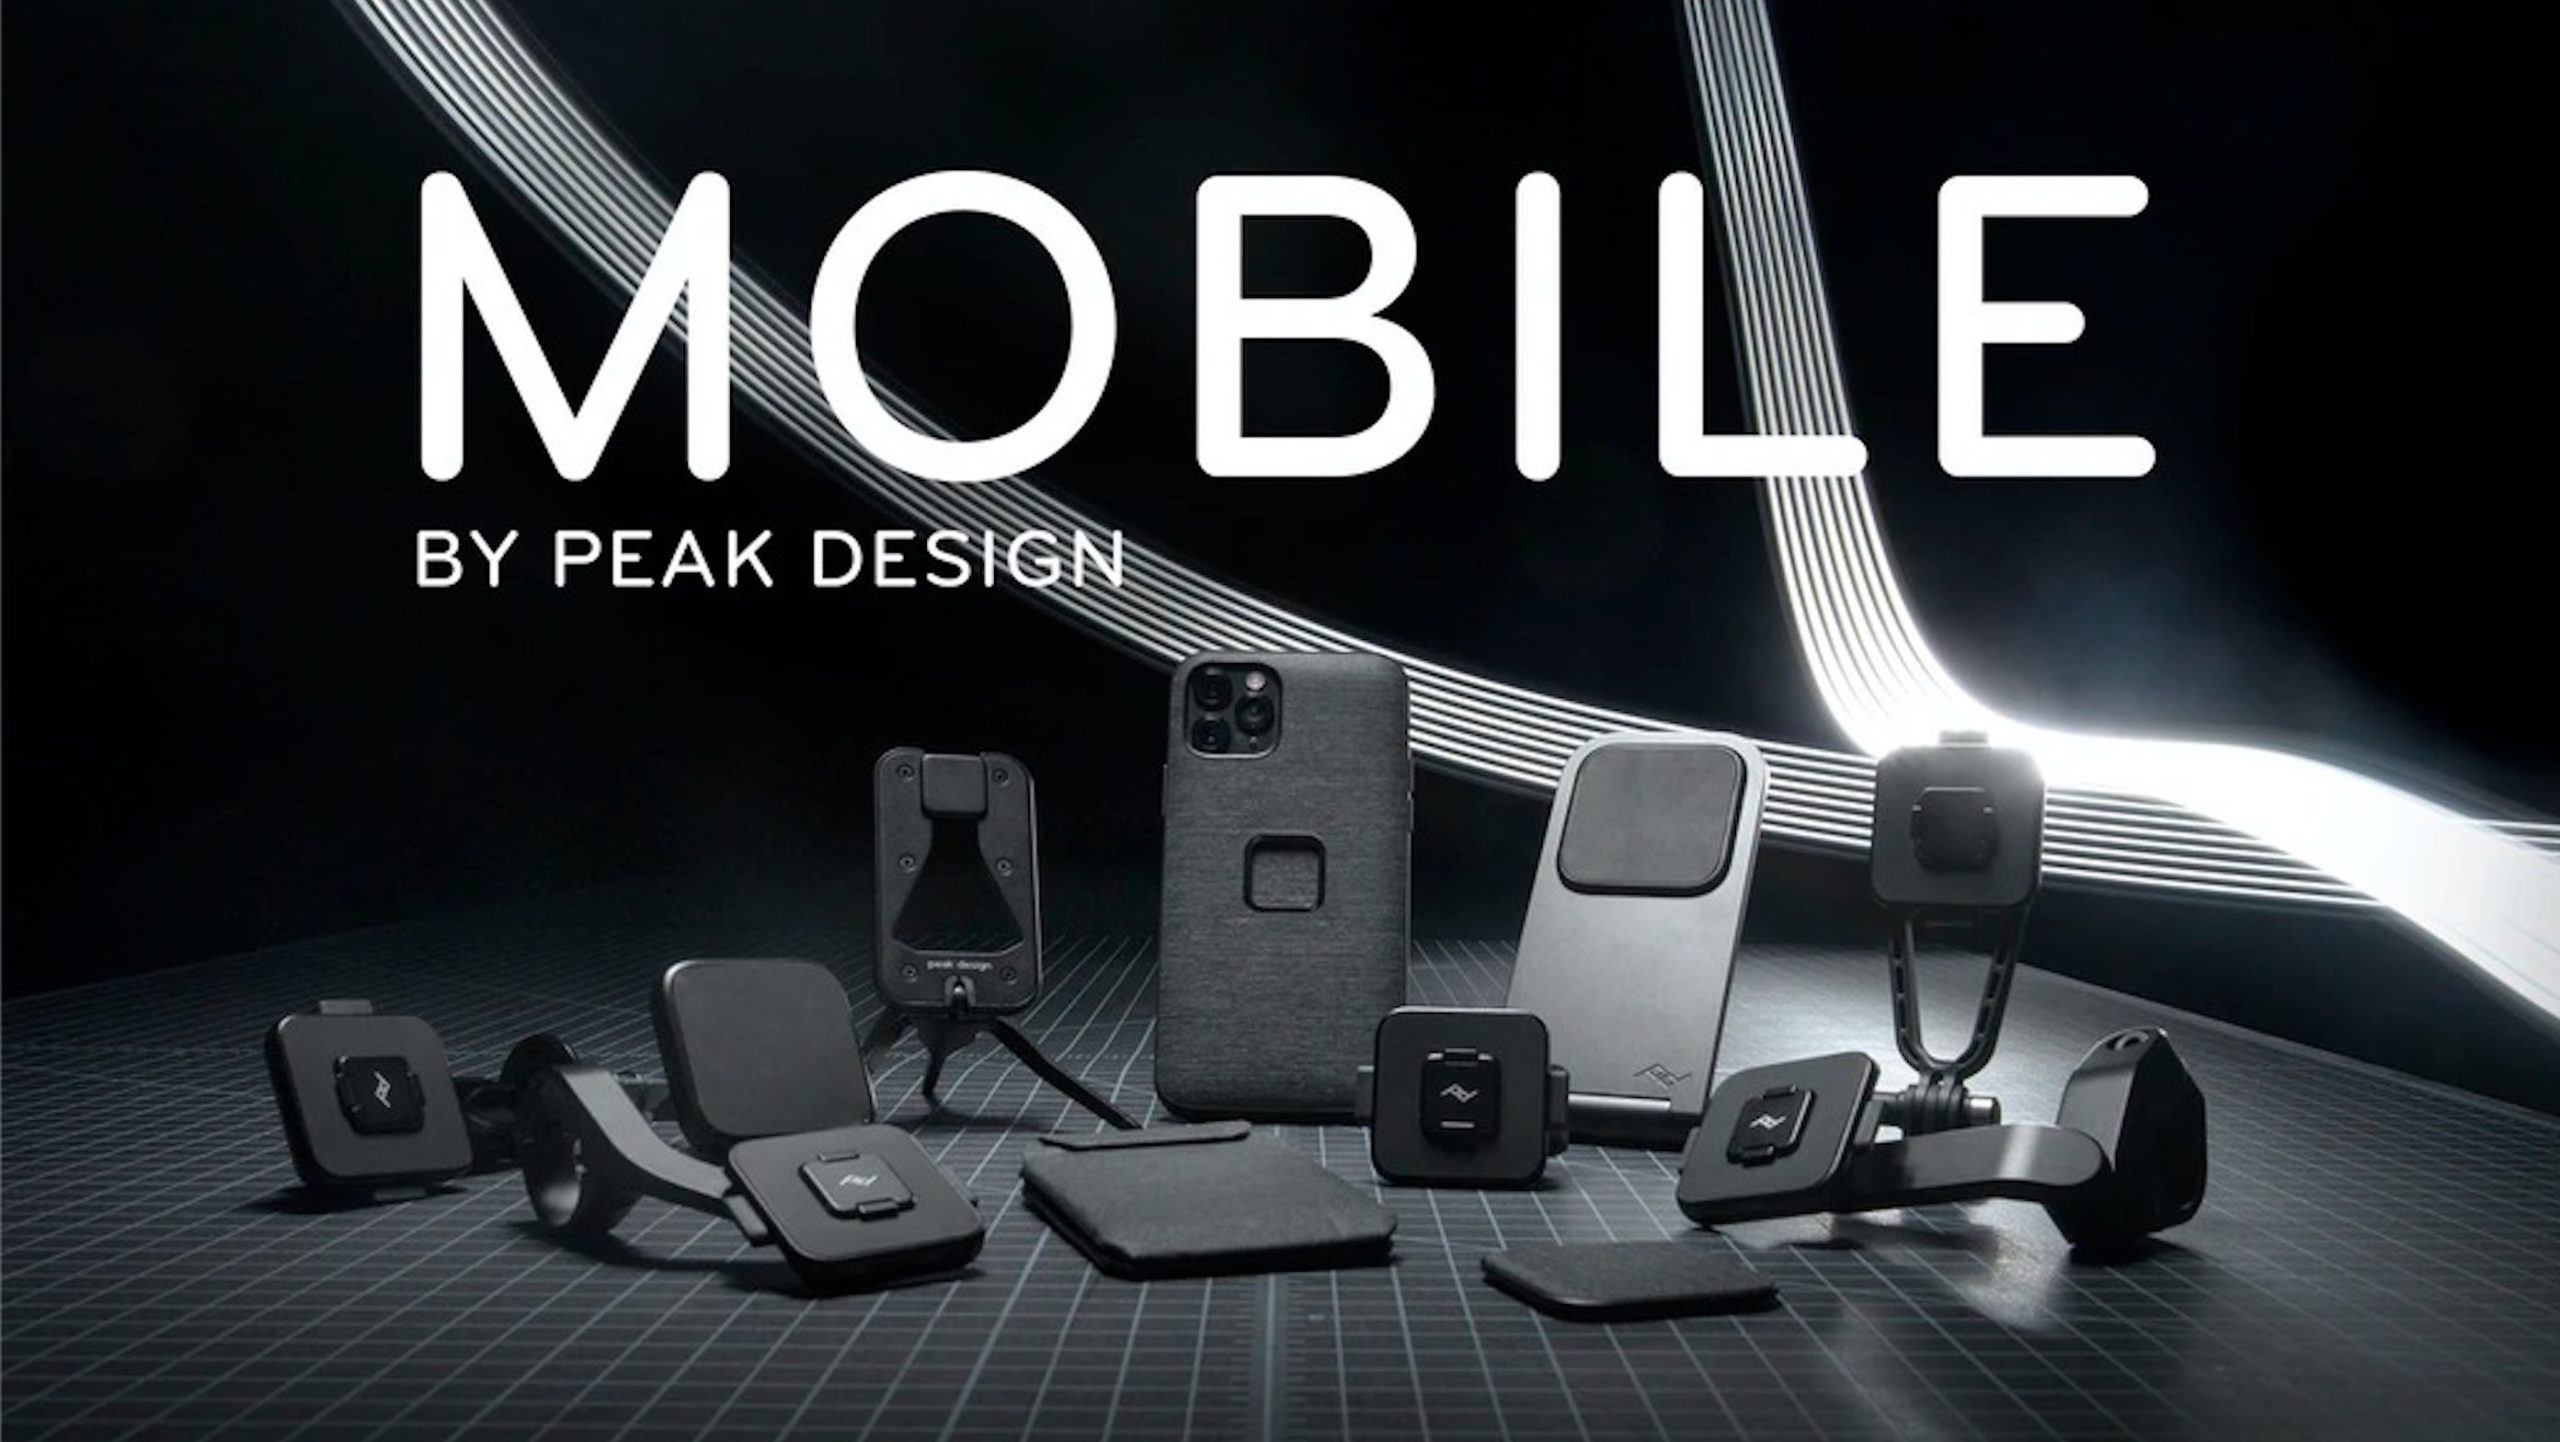 Mobile by Peak Design(ピークデザイン) 革新的なスマホアクセサリーの特徴や種類まとめ!